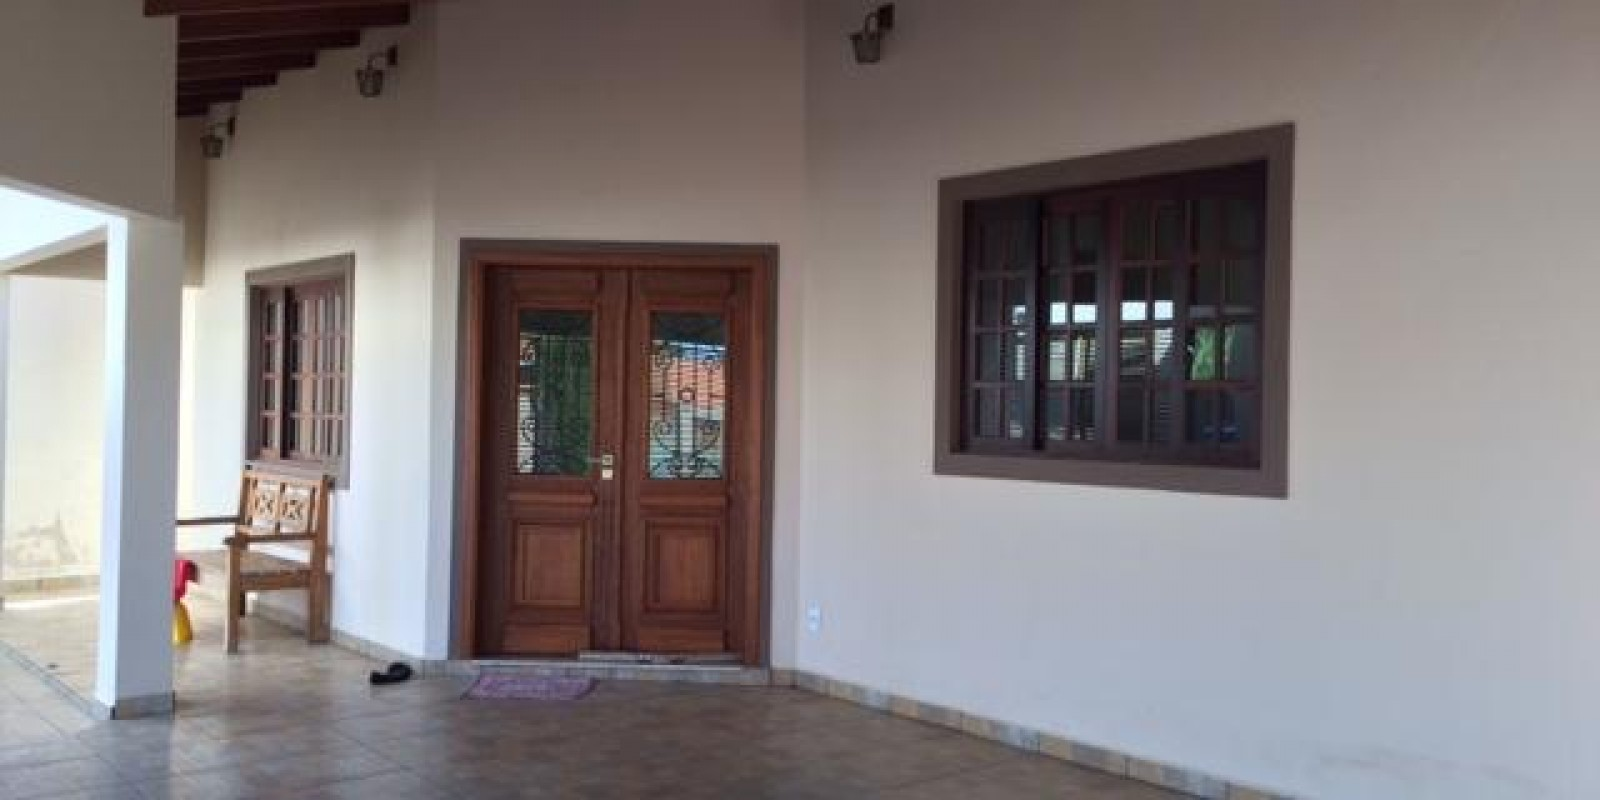 Casa no Bairro Jardim Europa II em Avaré SP - Foto 1 de 4